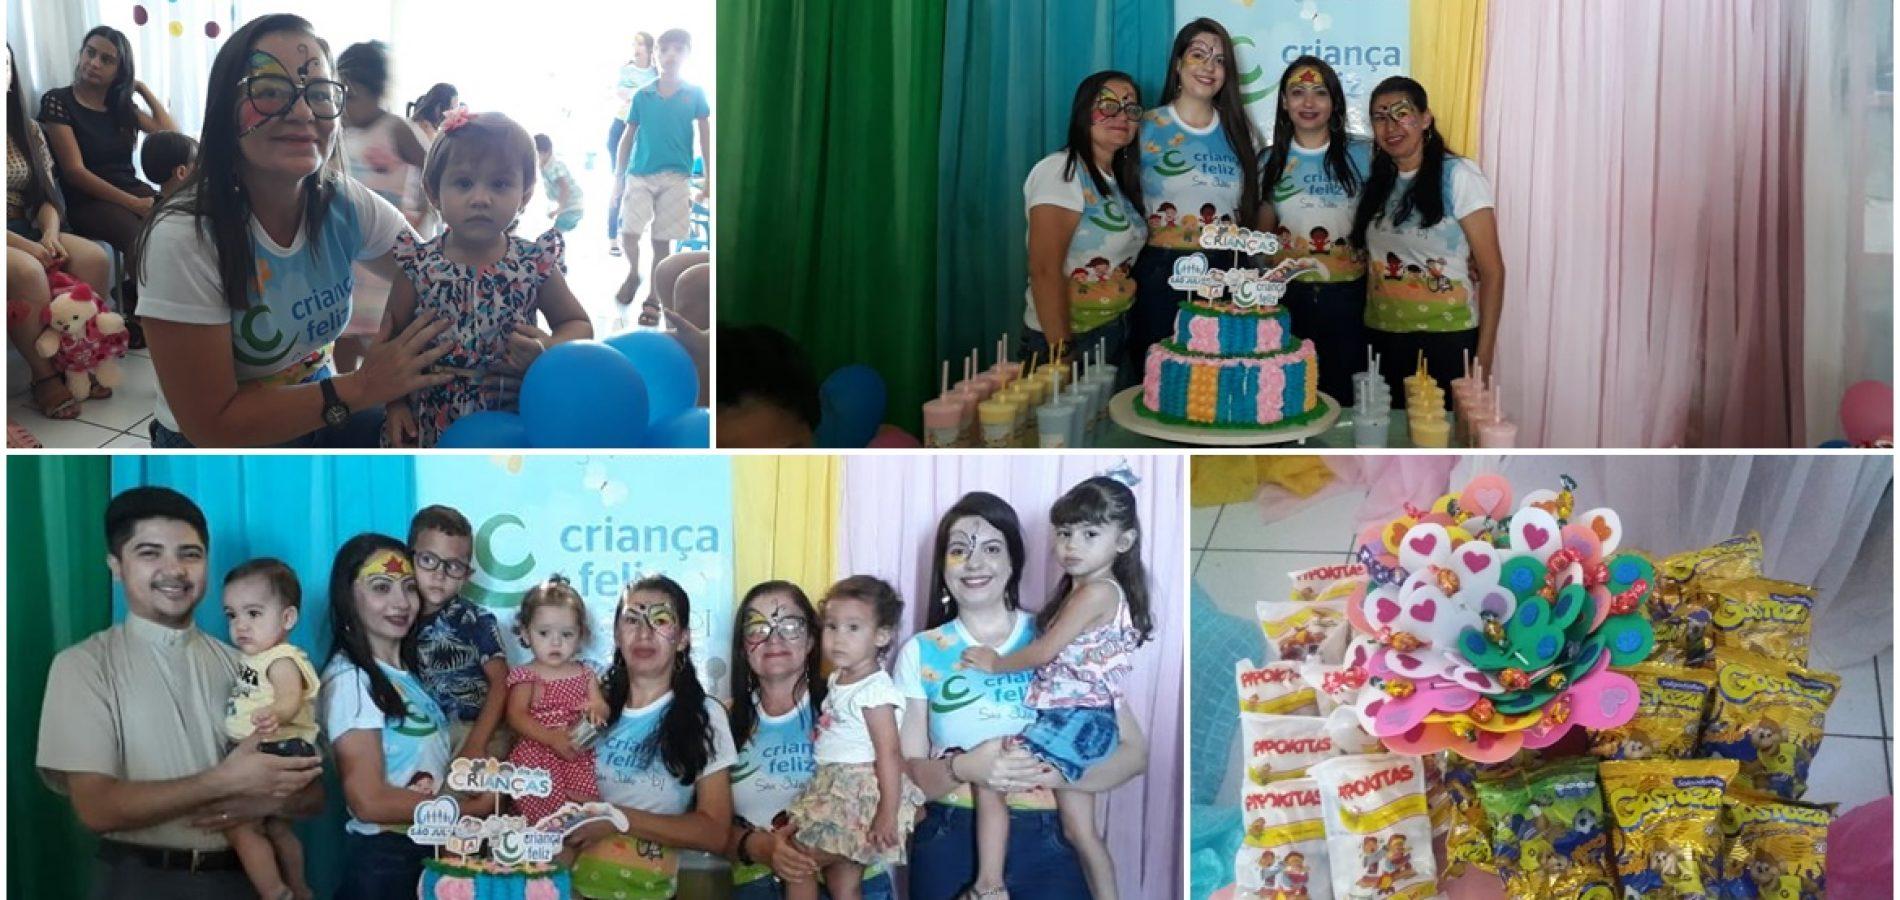 SÃO JULIÃO | Prefeitura realiza evento alusivo ao Dia das Crianças